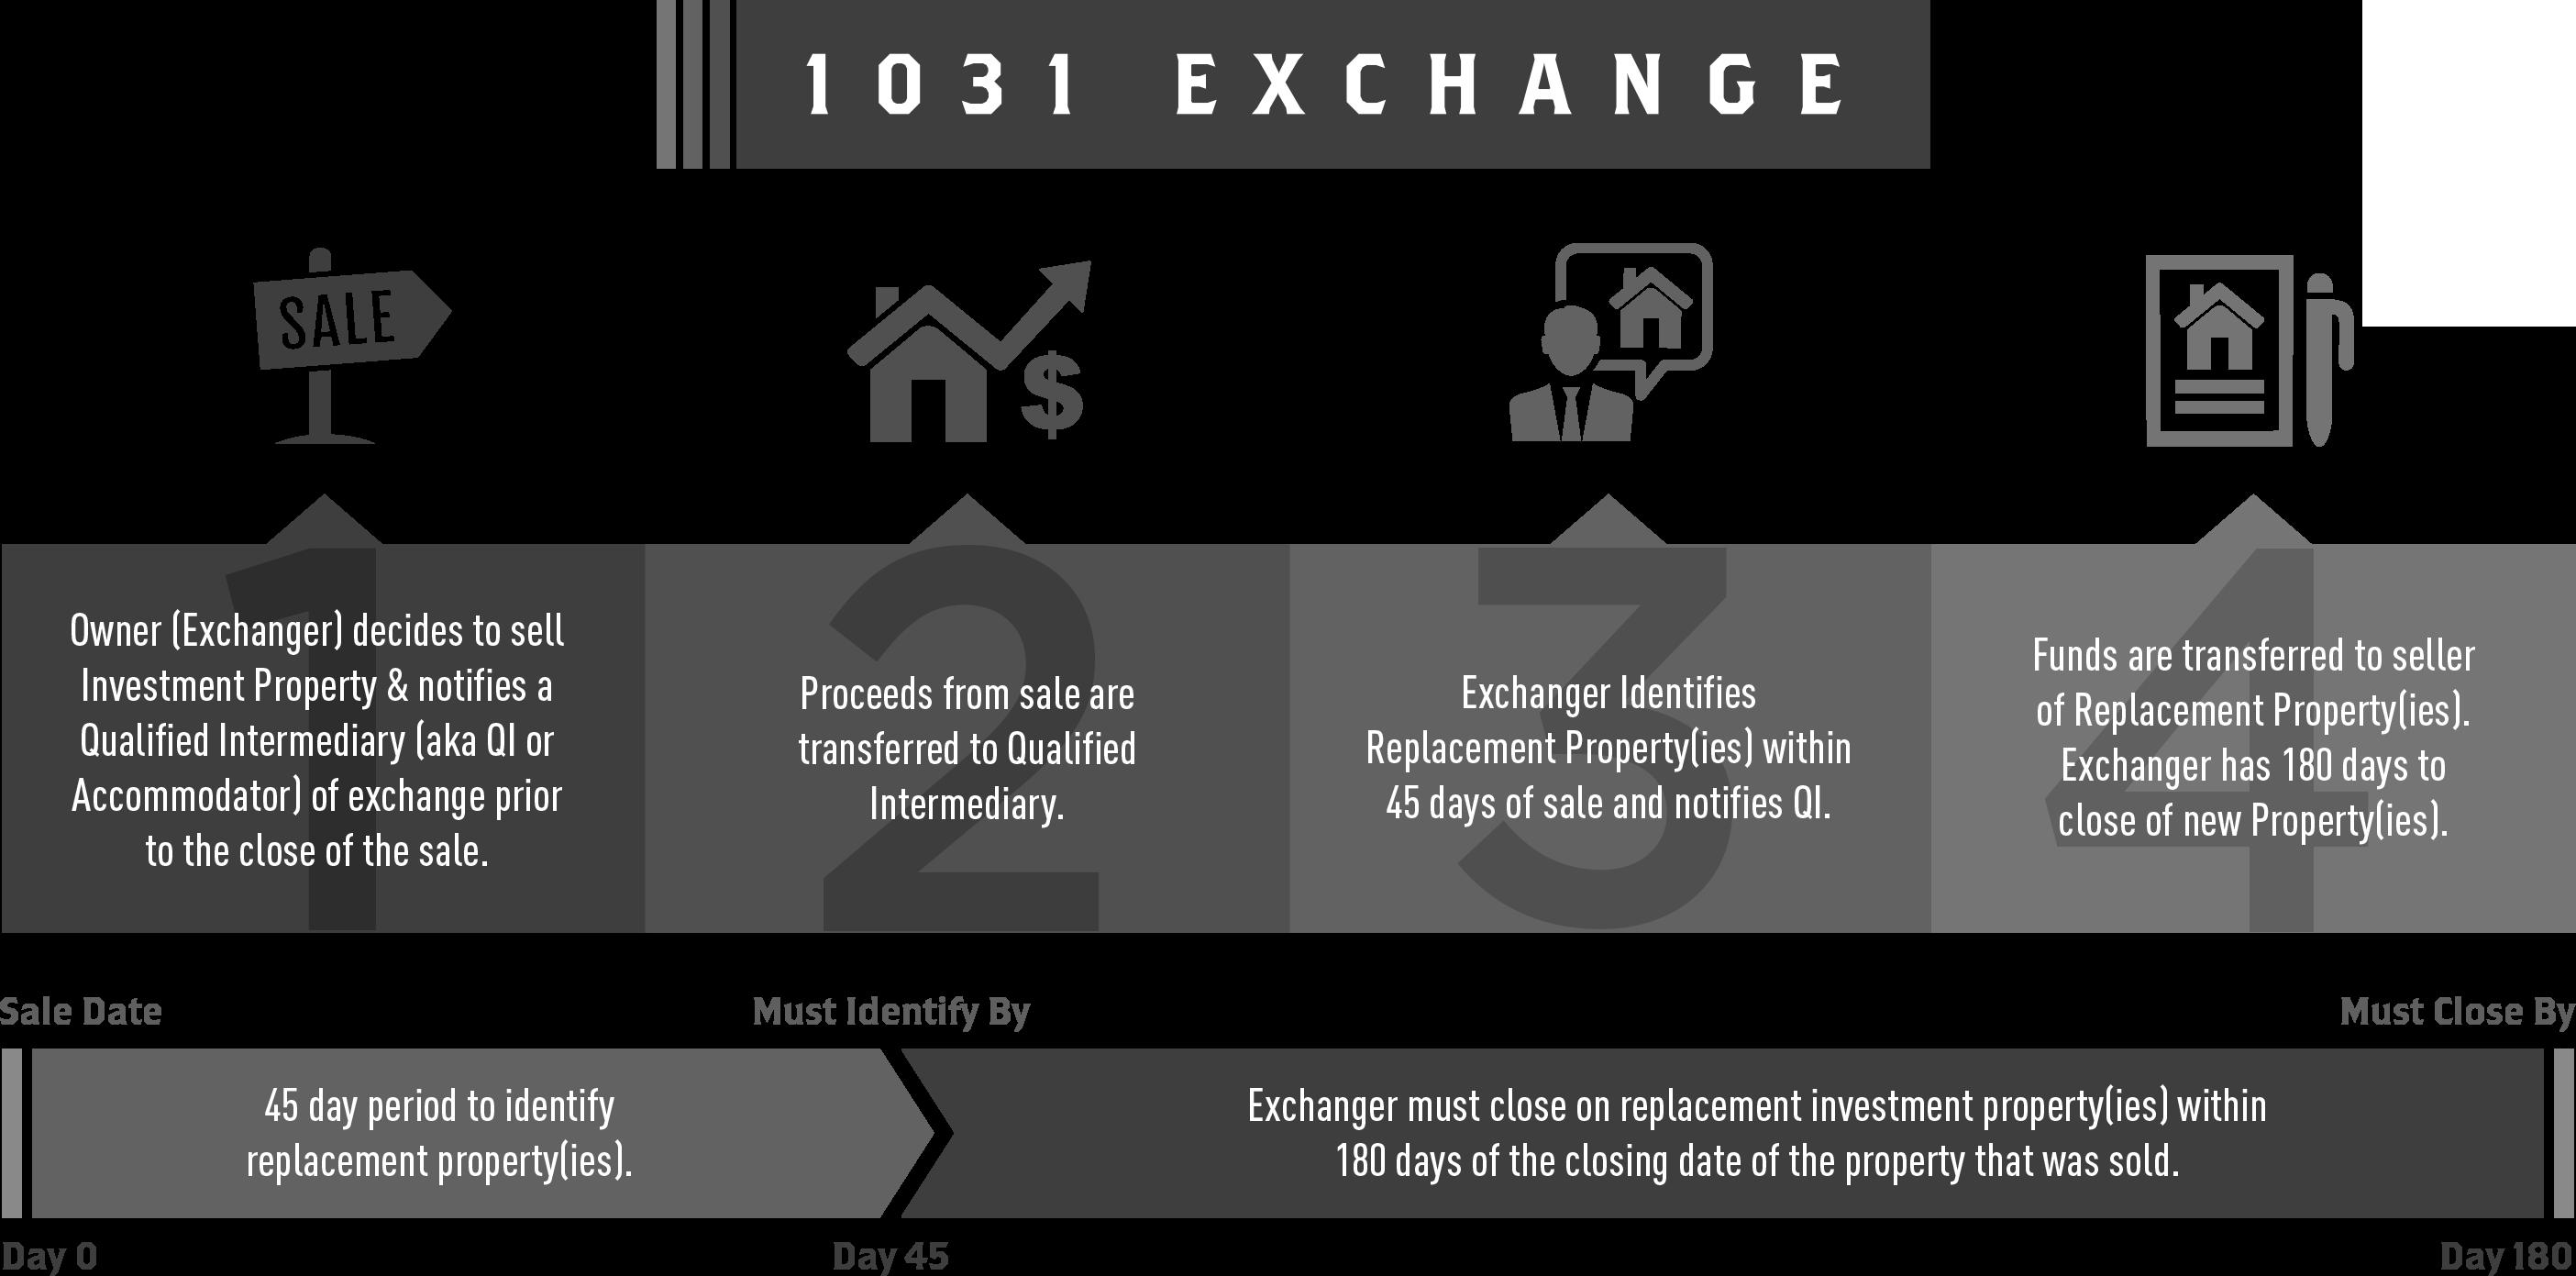 ipa_infographic_bw